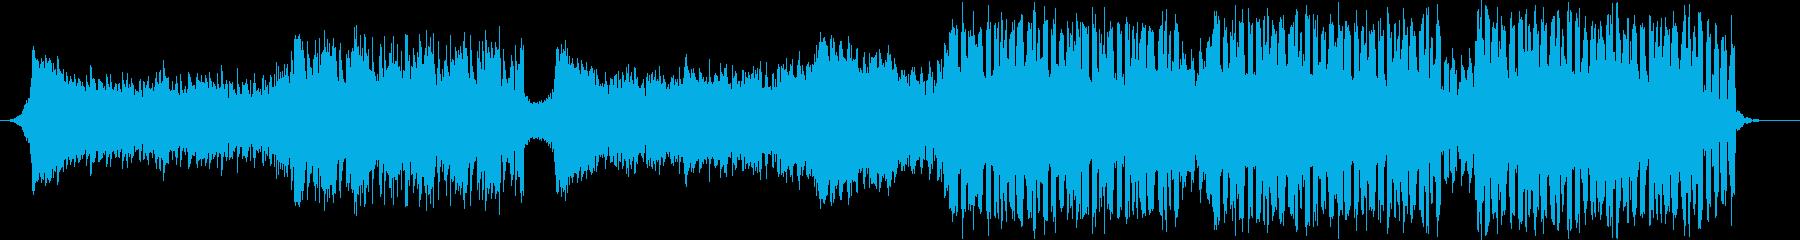 夏の爽やかな海外風の四つ打ちEDMの再生済みの波形